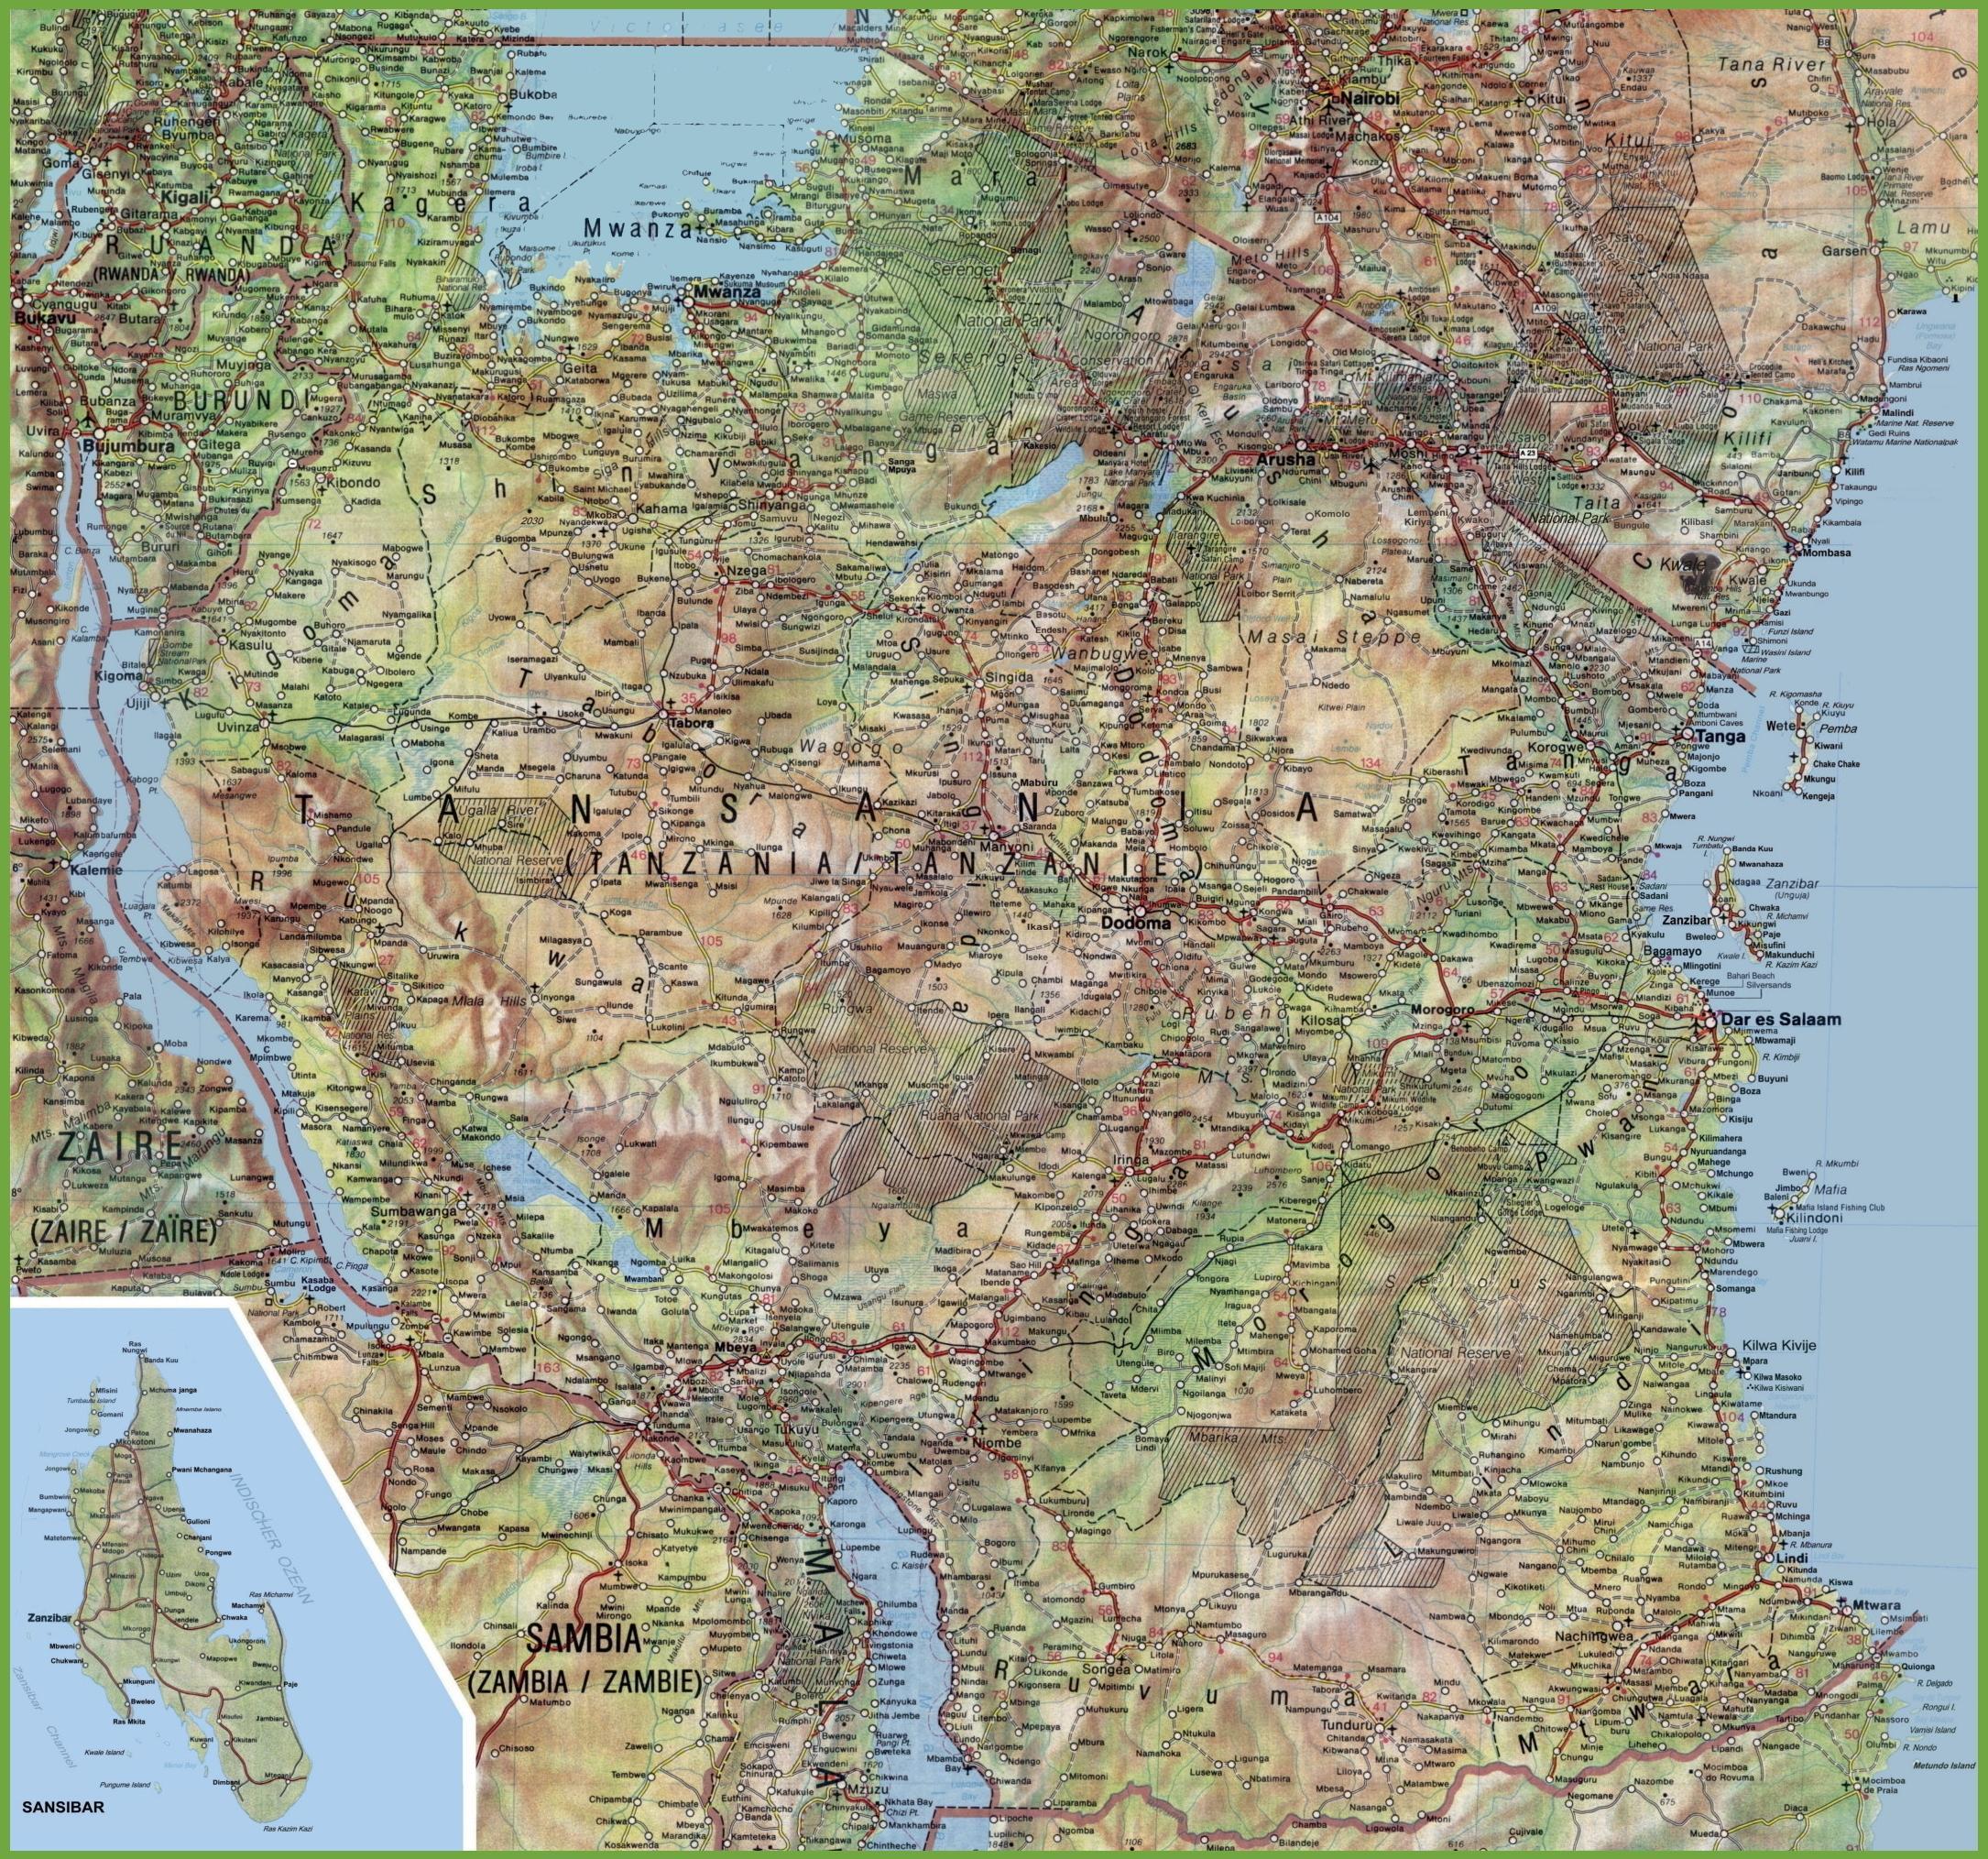 Podrobna Mapa Tanzanie Mapa Podrobne Tanzanie Vychodni Afrika